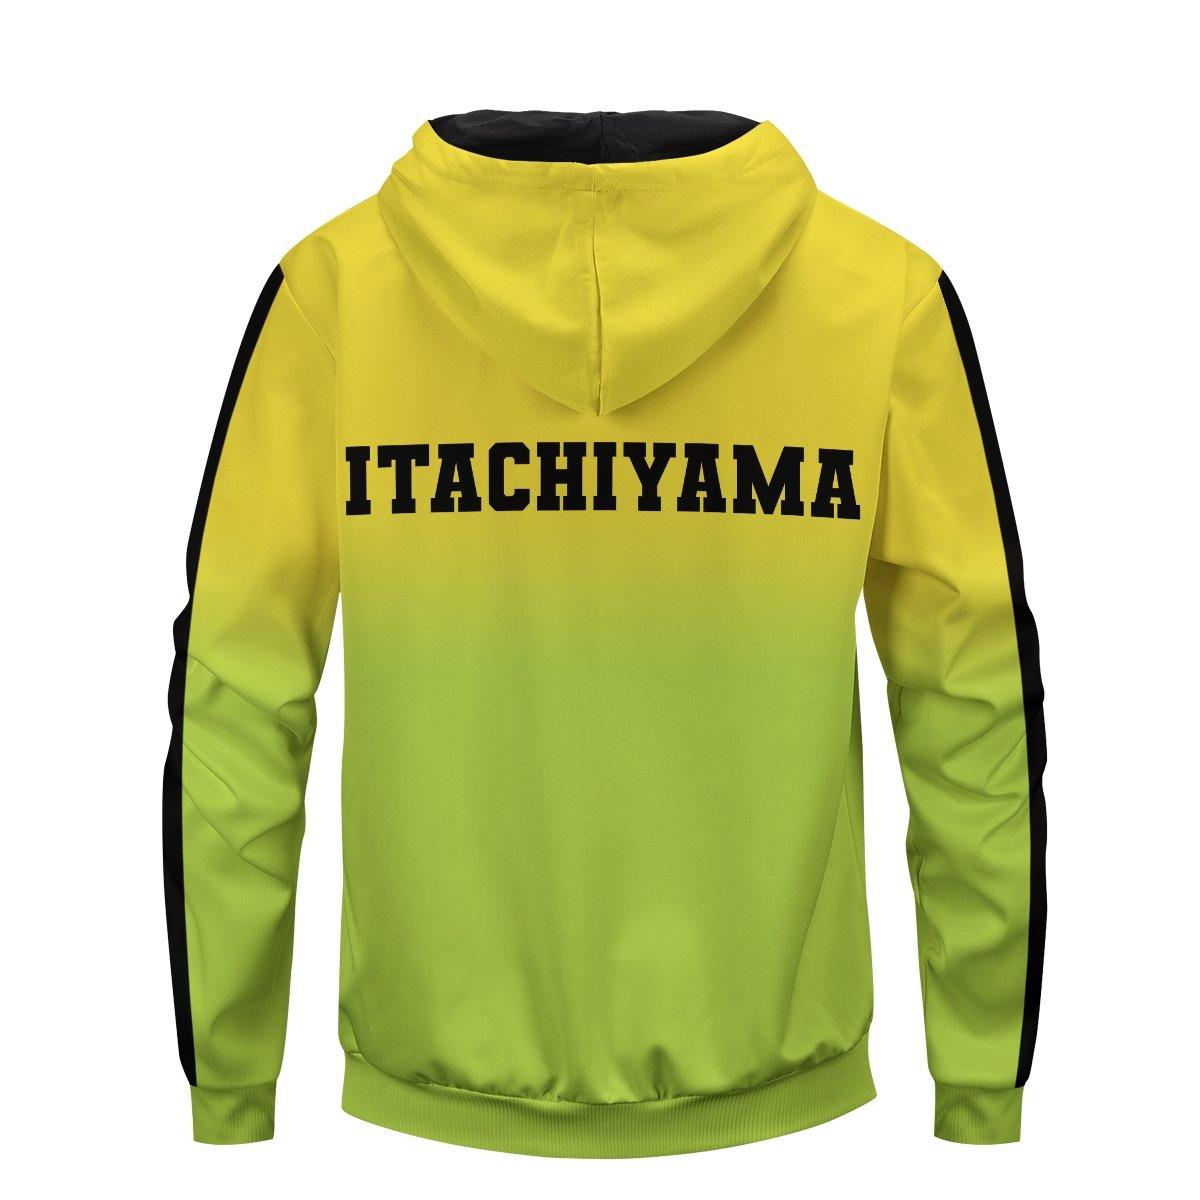 haikyuu itachiyama unisex zipped hoodie 678255 - Otaku Treat